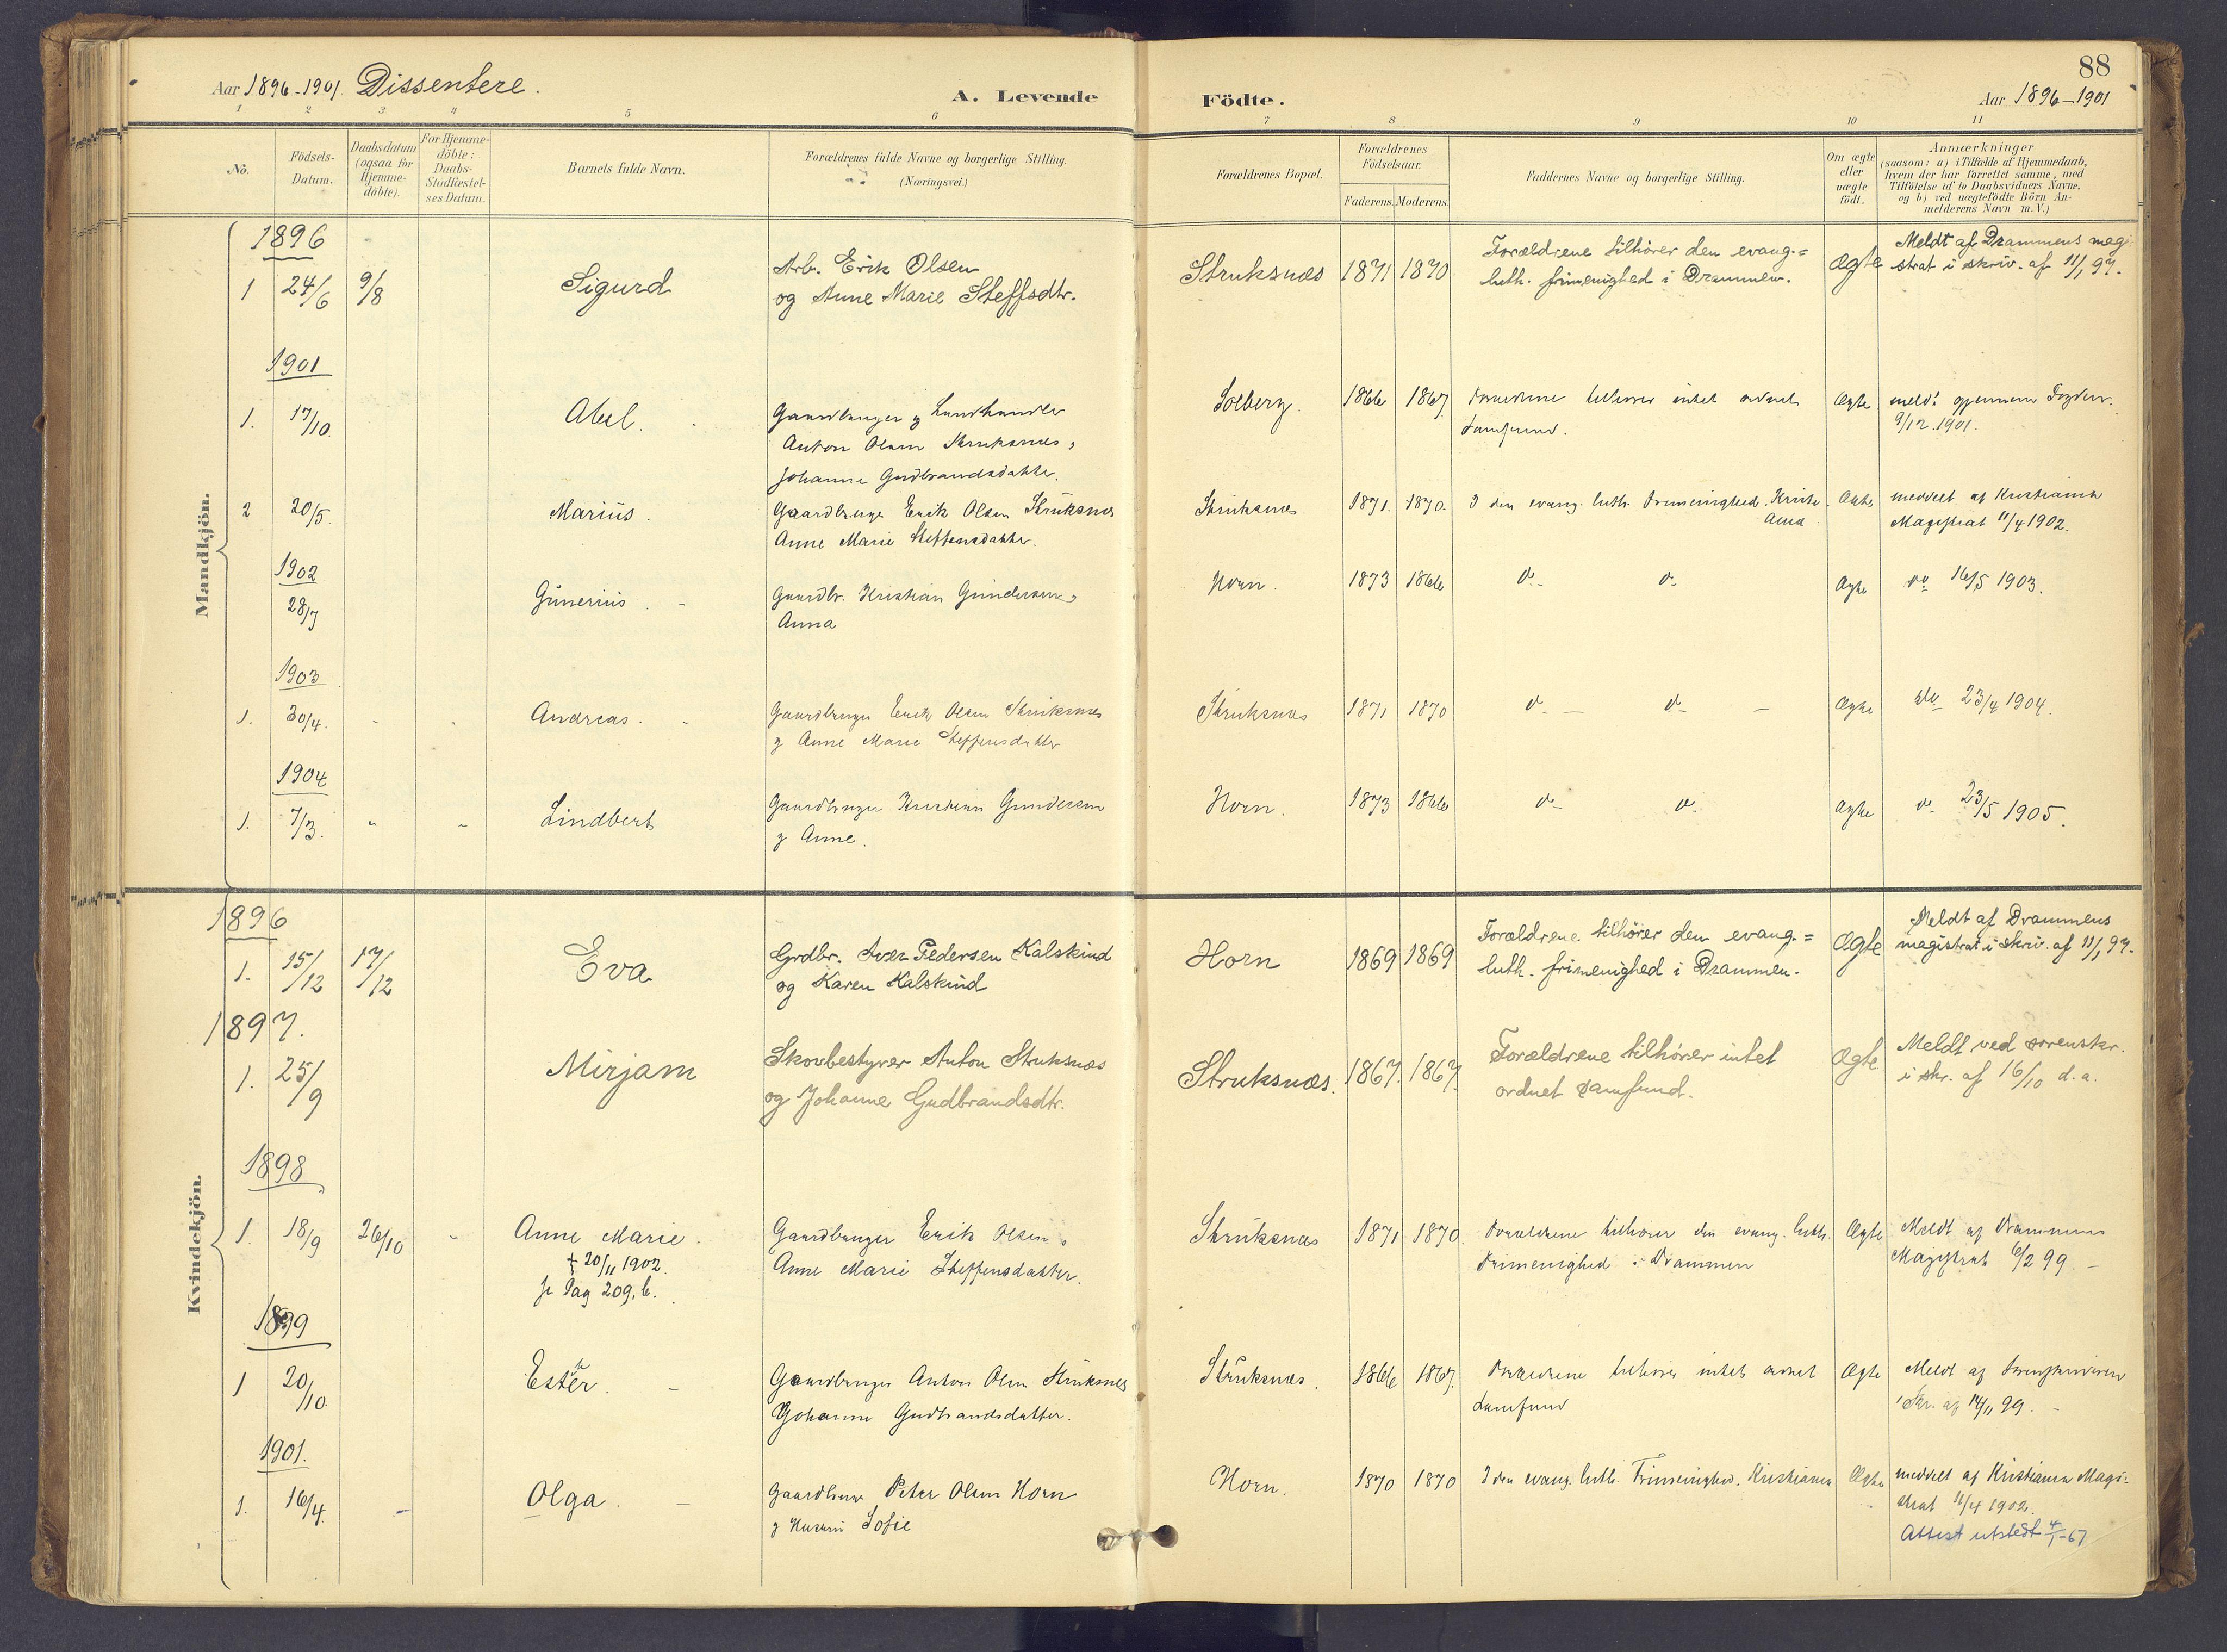 SAH, Søndre Land prestekontor, K/L0006: Parish register (official) no. 6, 1895-1904, p. 88